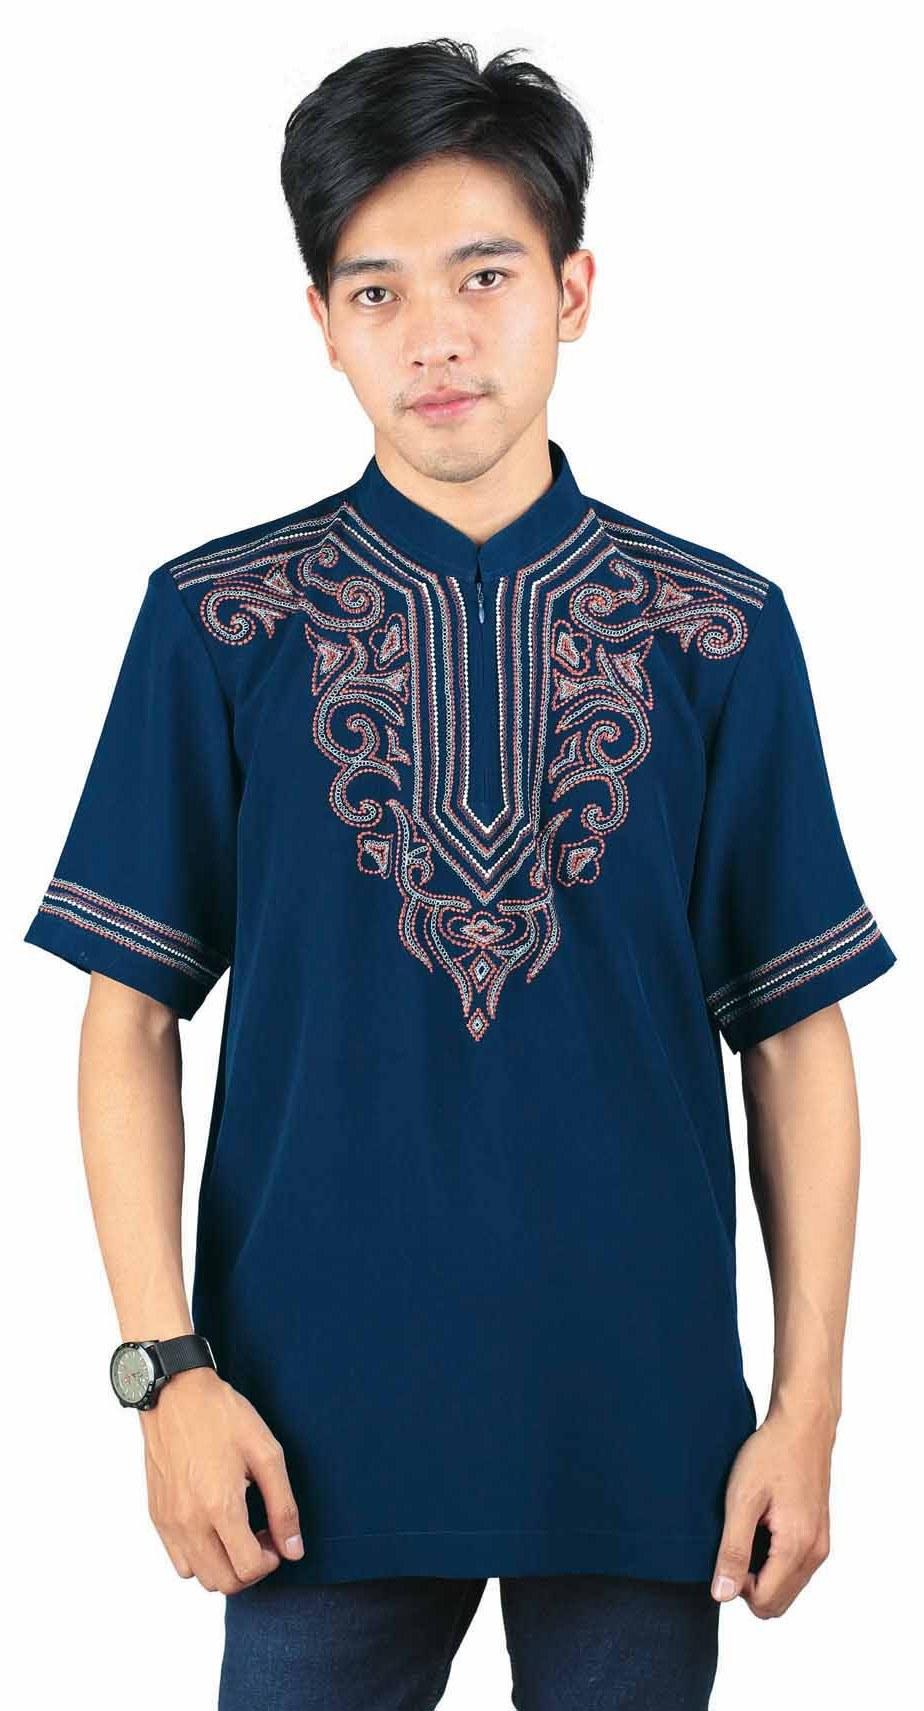 Design Baju Lebaran Pria 2018 T8dj Kumpulan Baju Muslim Pria Lengan Pendek Trend Terbaru 2018